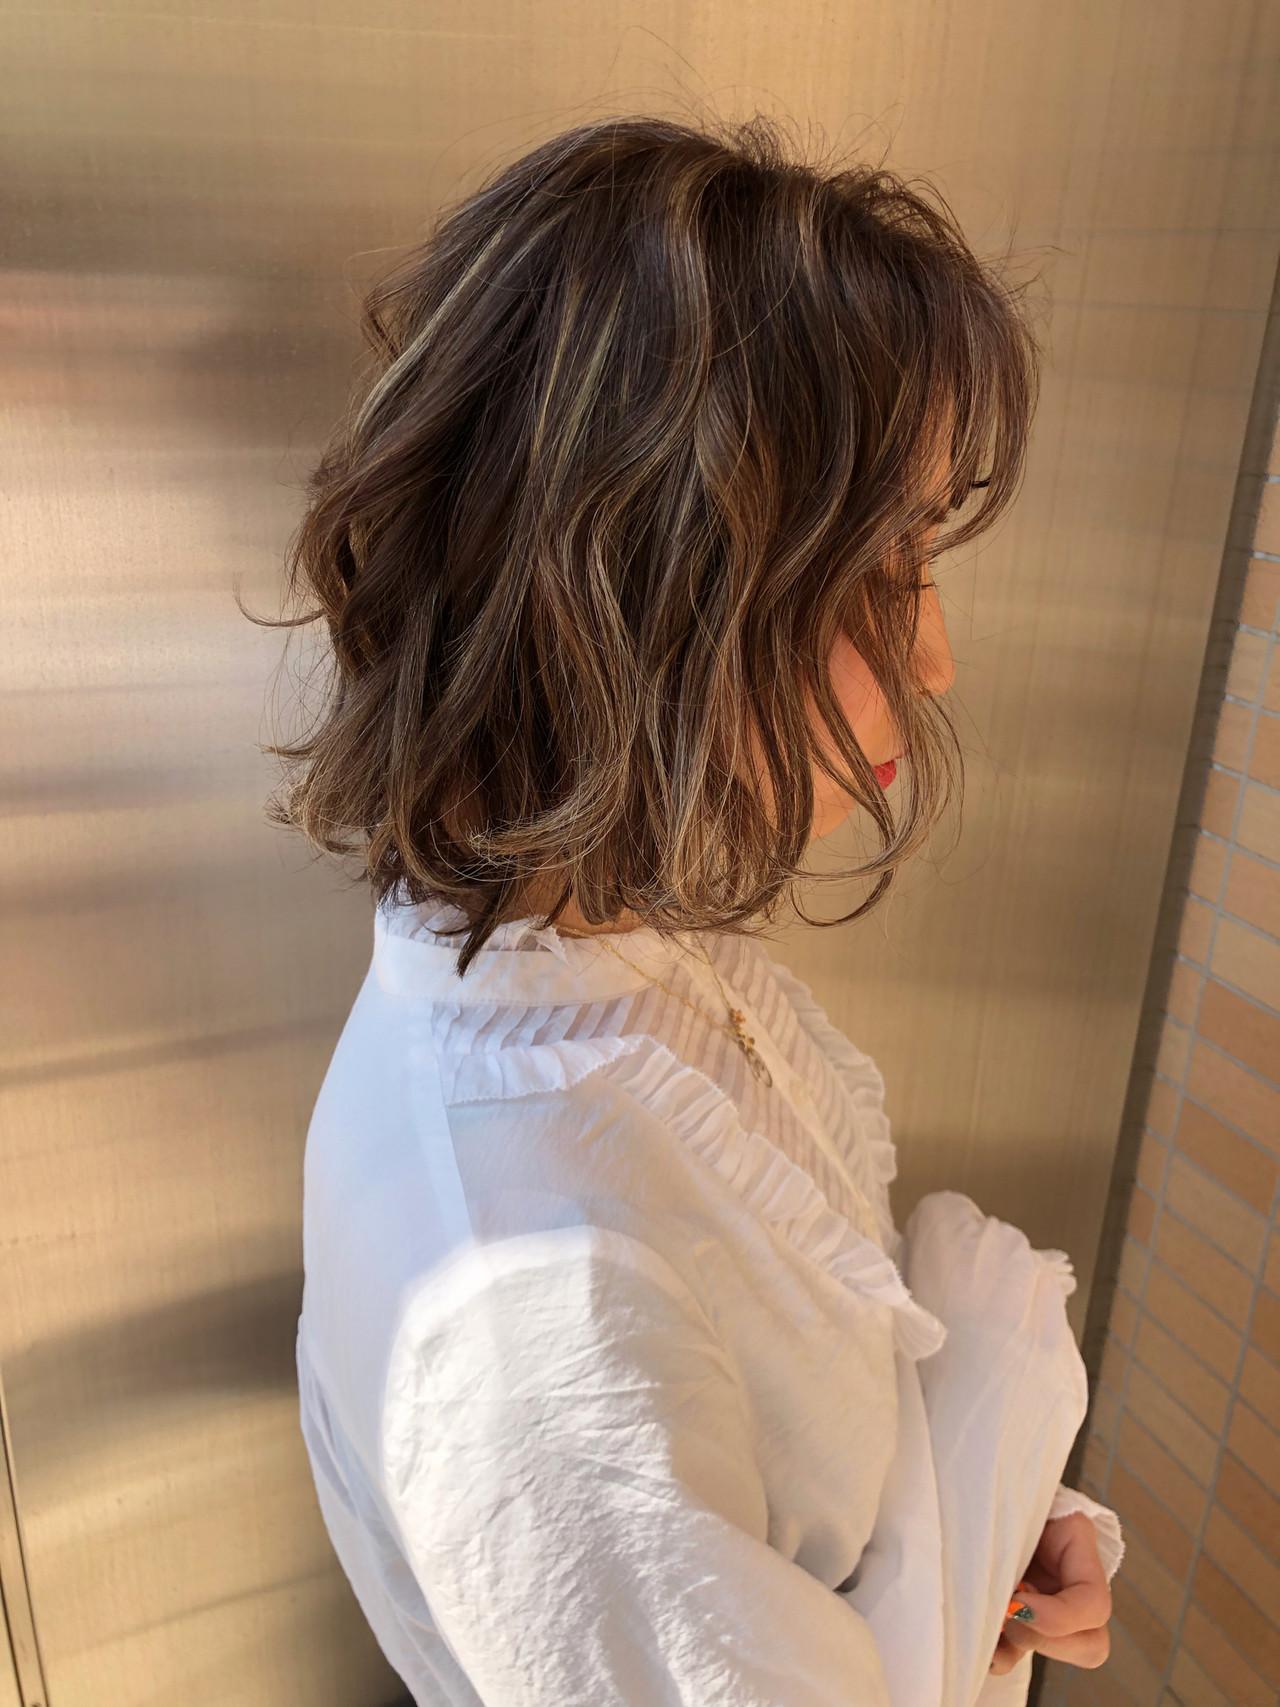 ボブ ハイライト 透明感カラー フェミニン ヘアスタイルや髪型の写真・画像 | 安永怜 / kakimotoarms田園調布